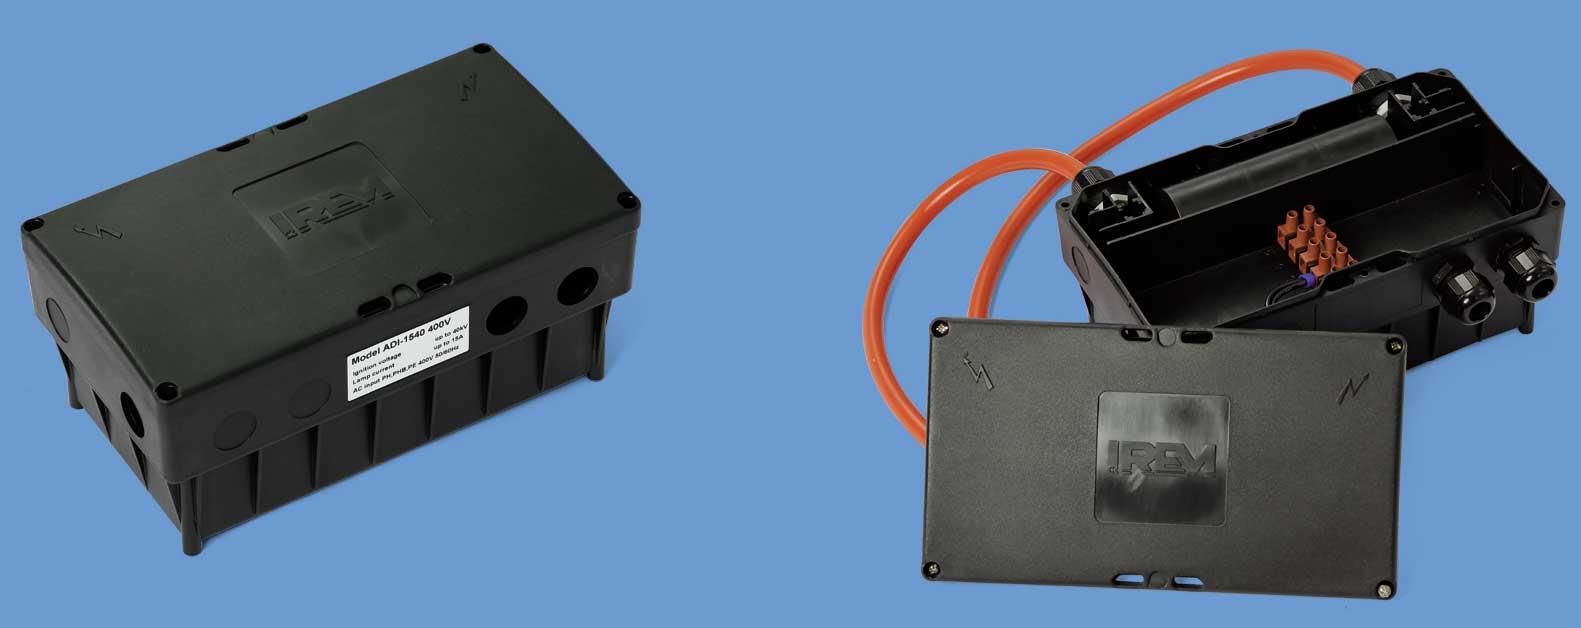 accenditori ad alta qualità progettati per colpire lampade ad ioduri metallici e lampade ad alta pressione